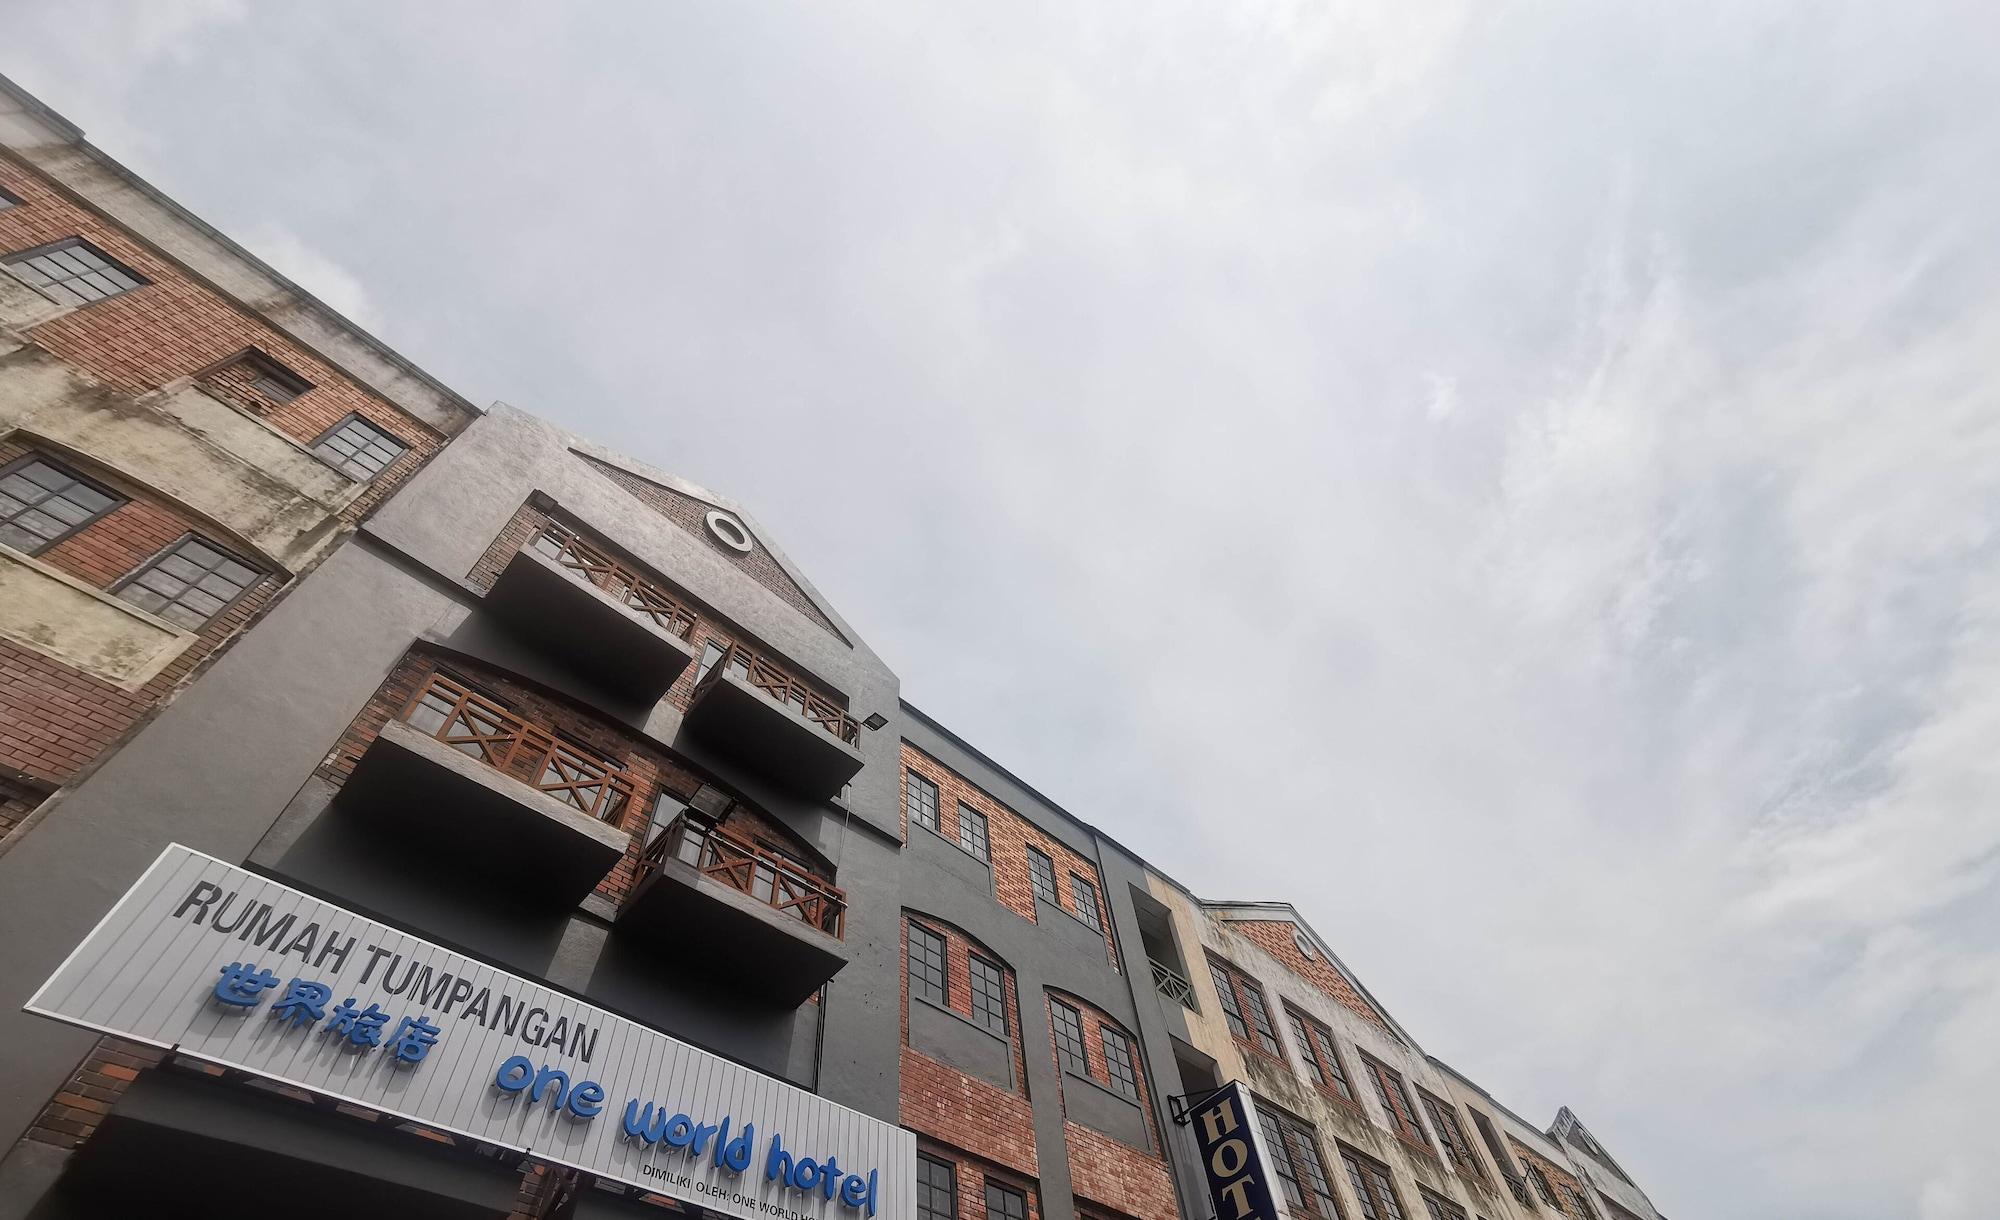 One World Hotel - Kulai, Johor Bahru